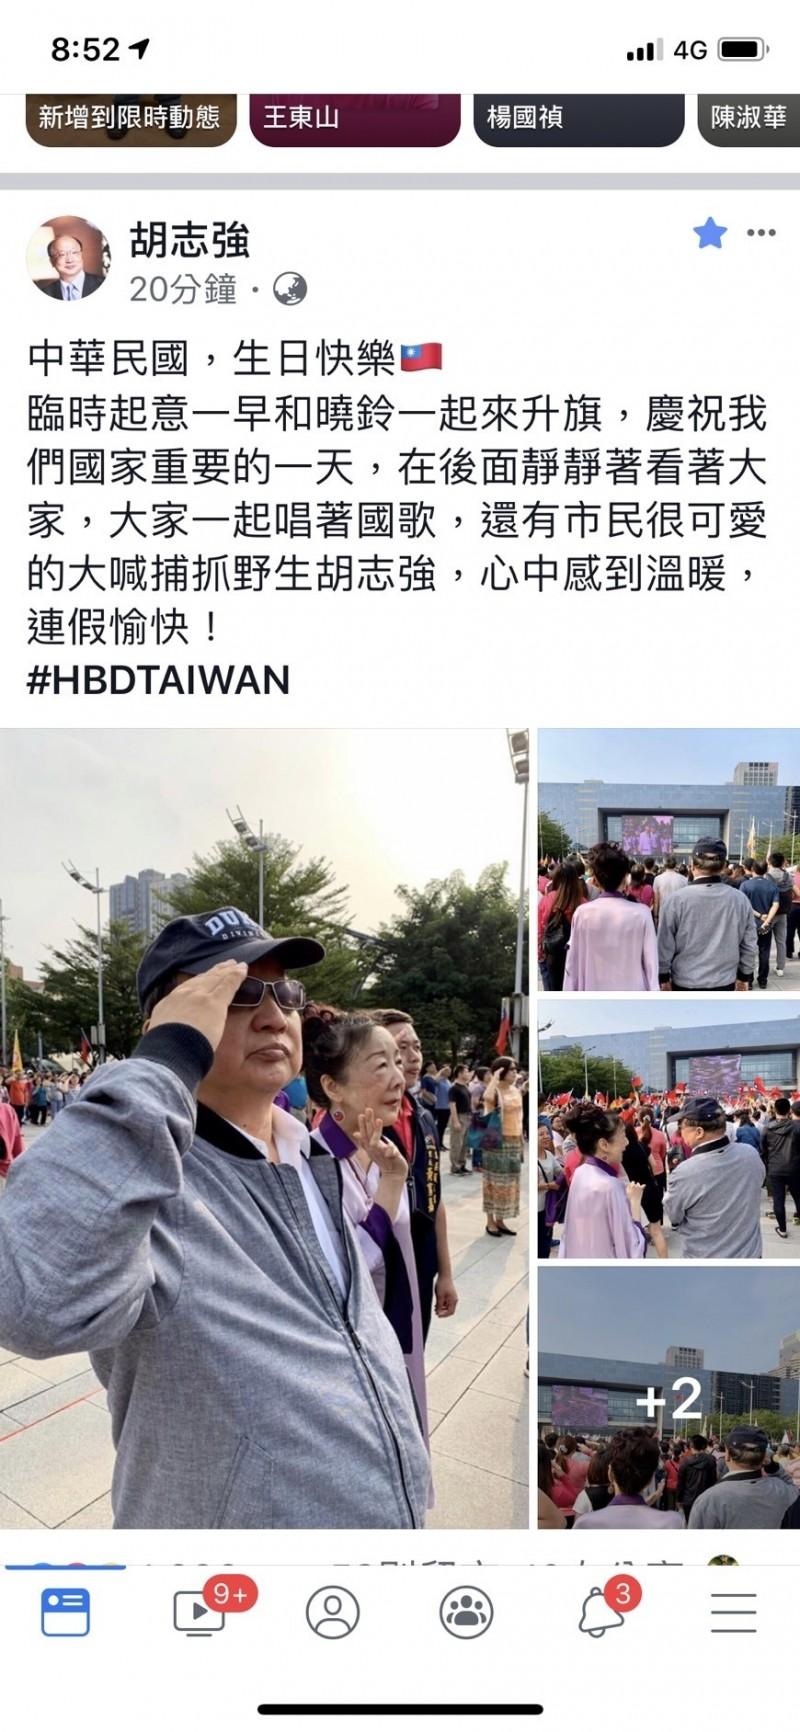 前市長胡志強在臉書自貼參加市府國慶日升旗的身影。(記者蘇金鳳翻攝)